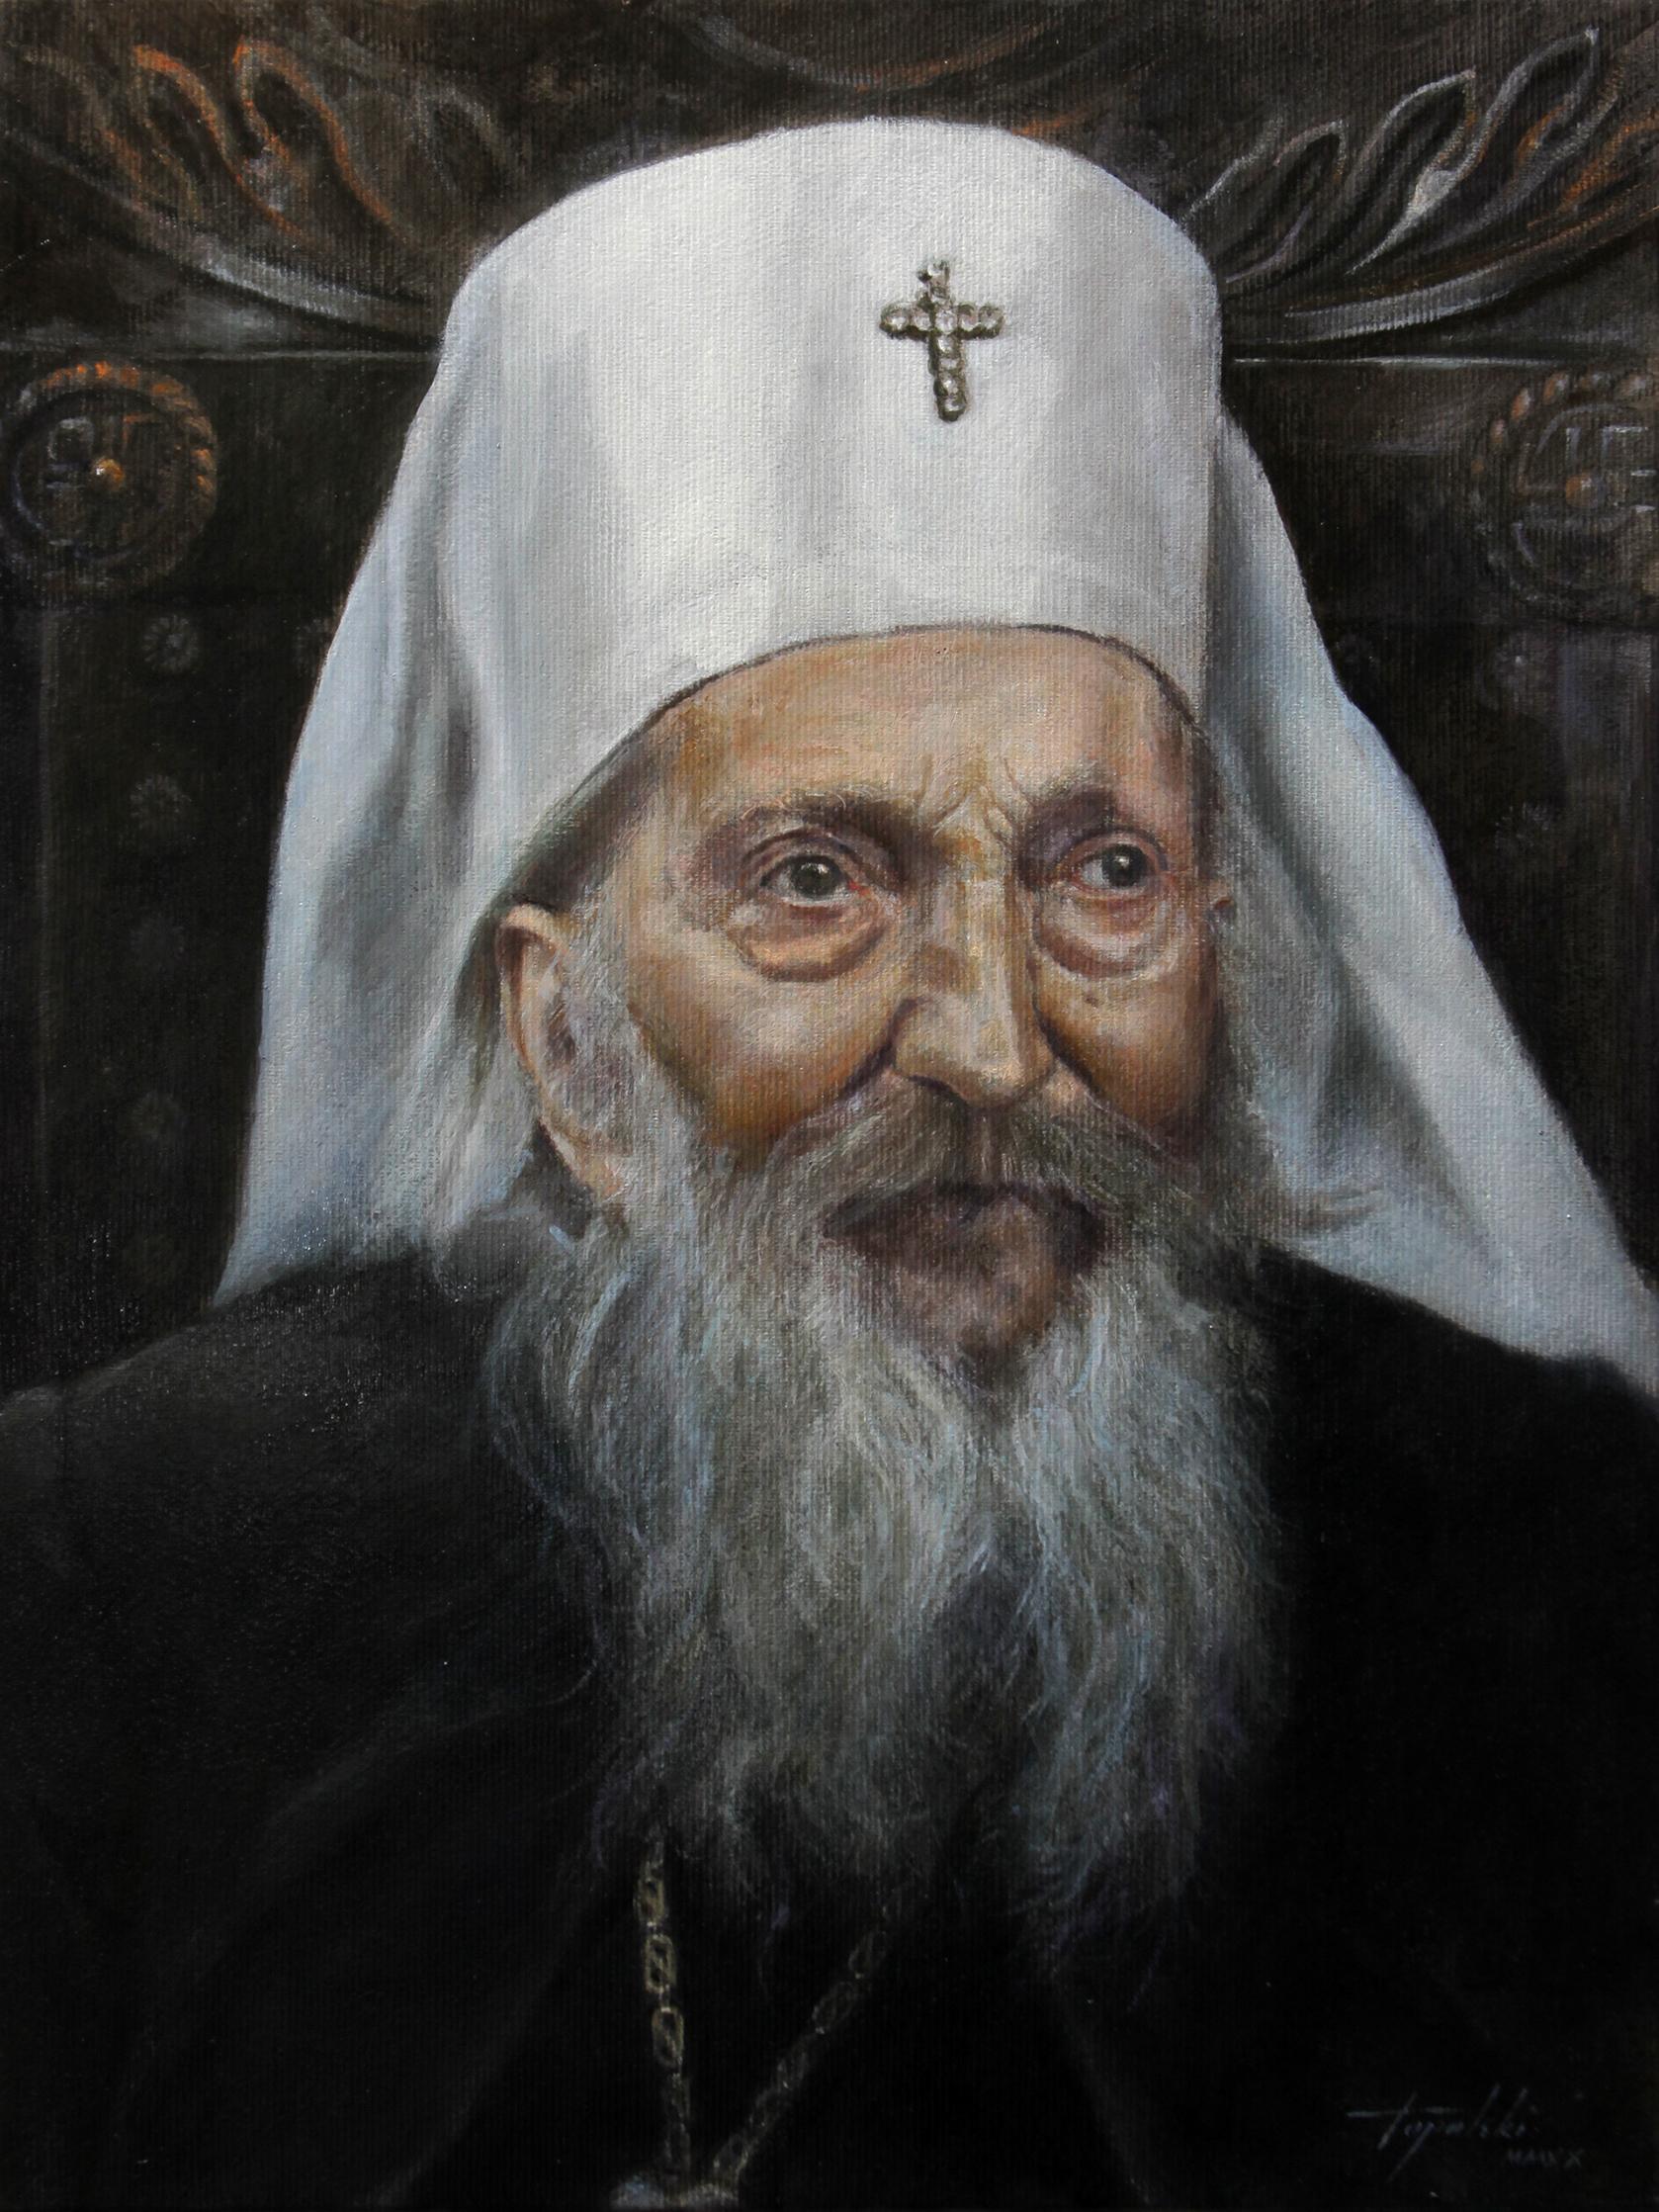 Патријарх Павле 5 - уље на платну 40x30цм, 2020. аутор - сликар Дарко Топалски